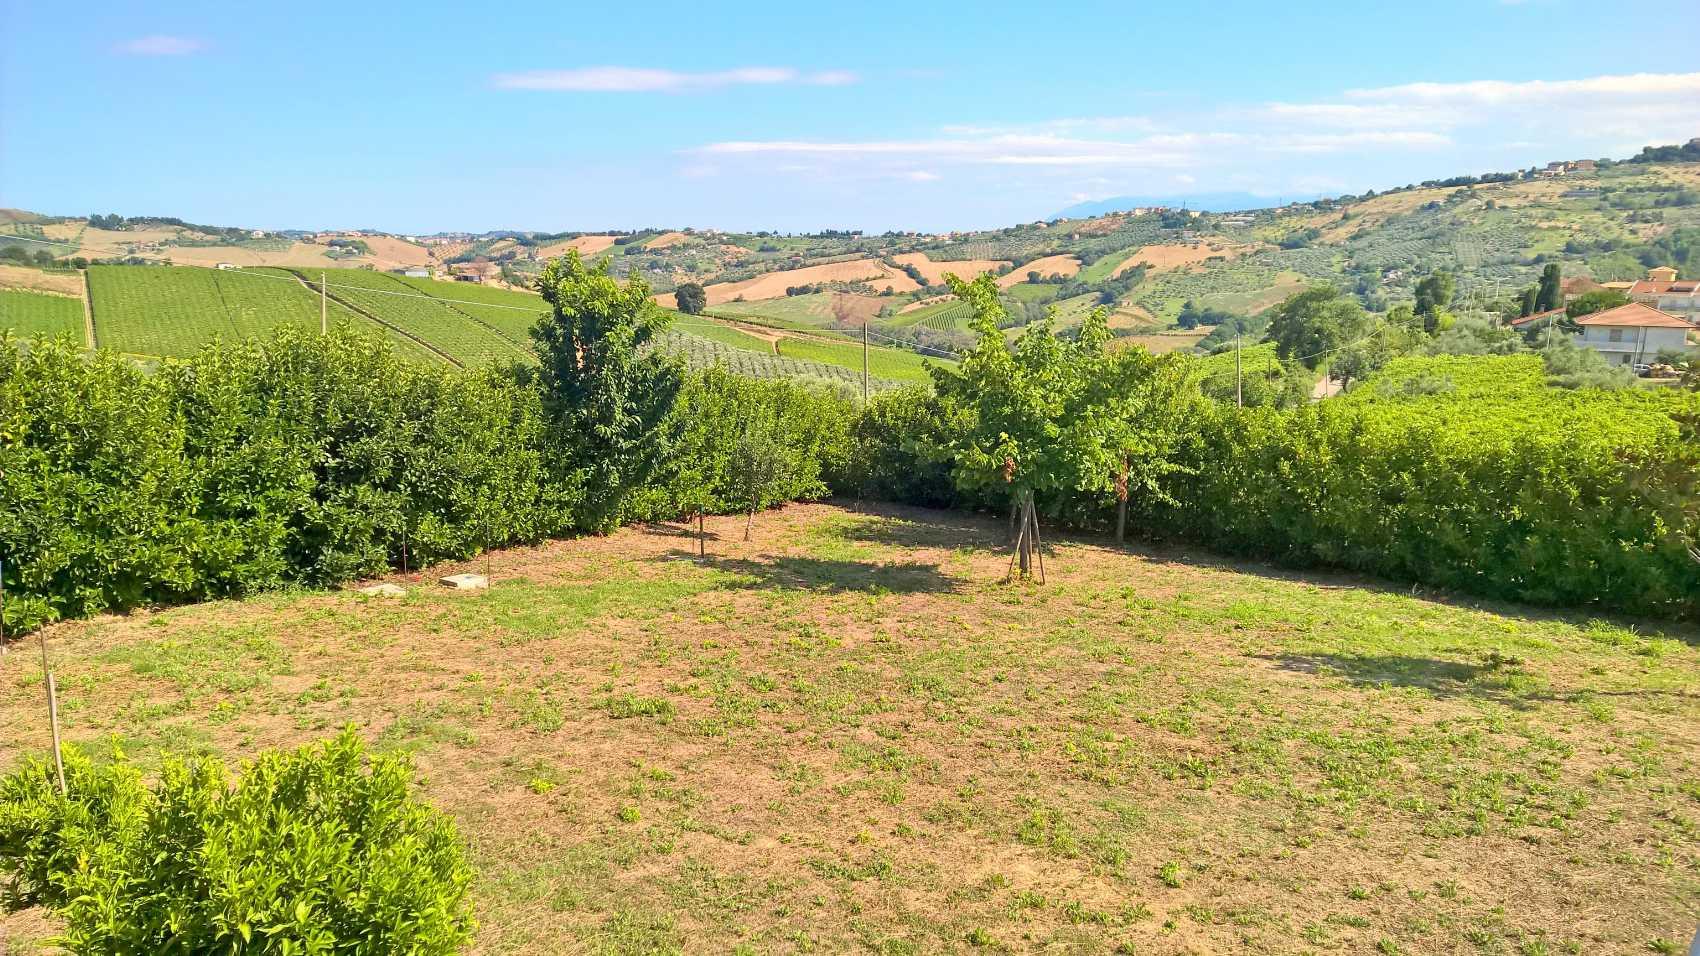 Villa Villa in vendita Città Sant'Angelo (PE), Villa Silvia - Città Sant'Angelo - EUR 442.177 250